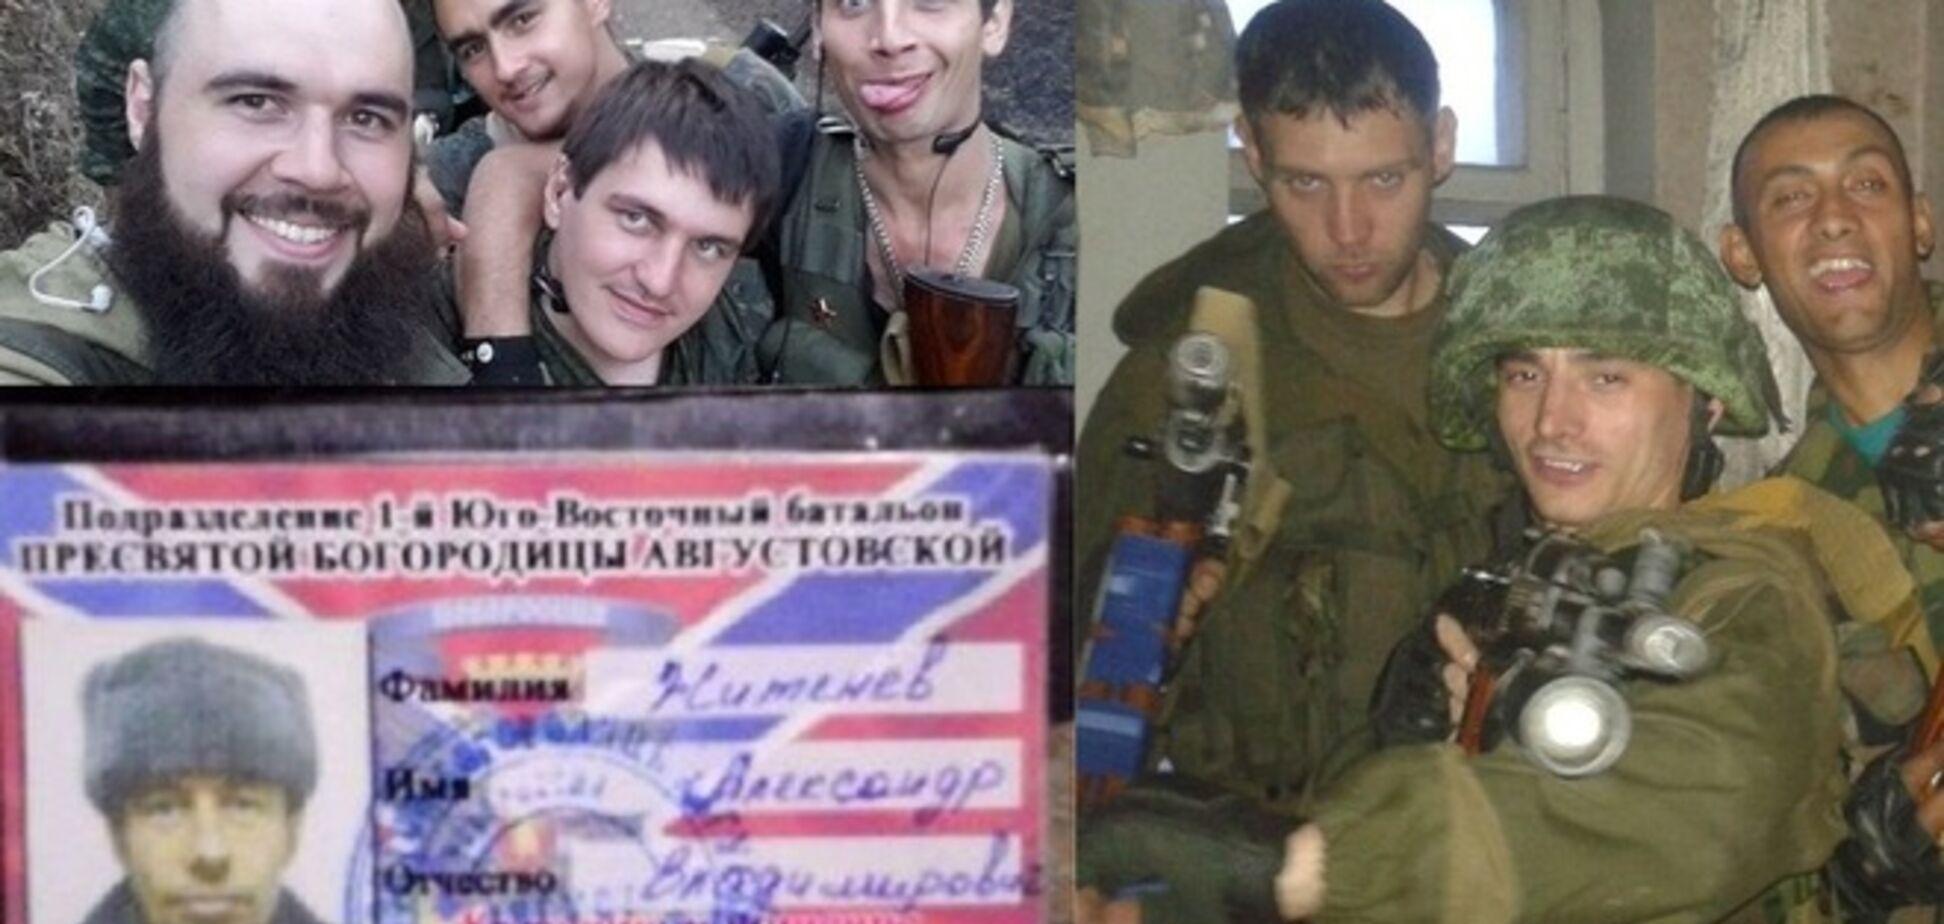 'Ополченцы' Донбасса: классификация